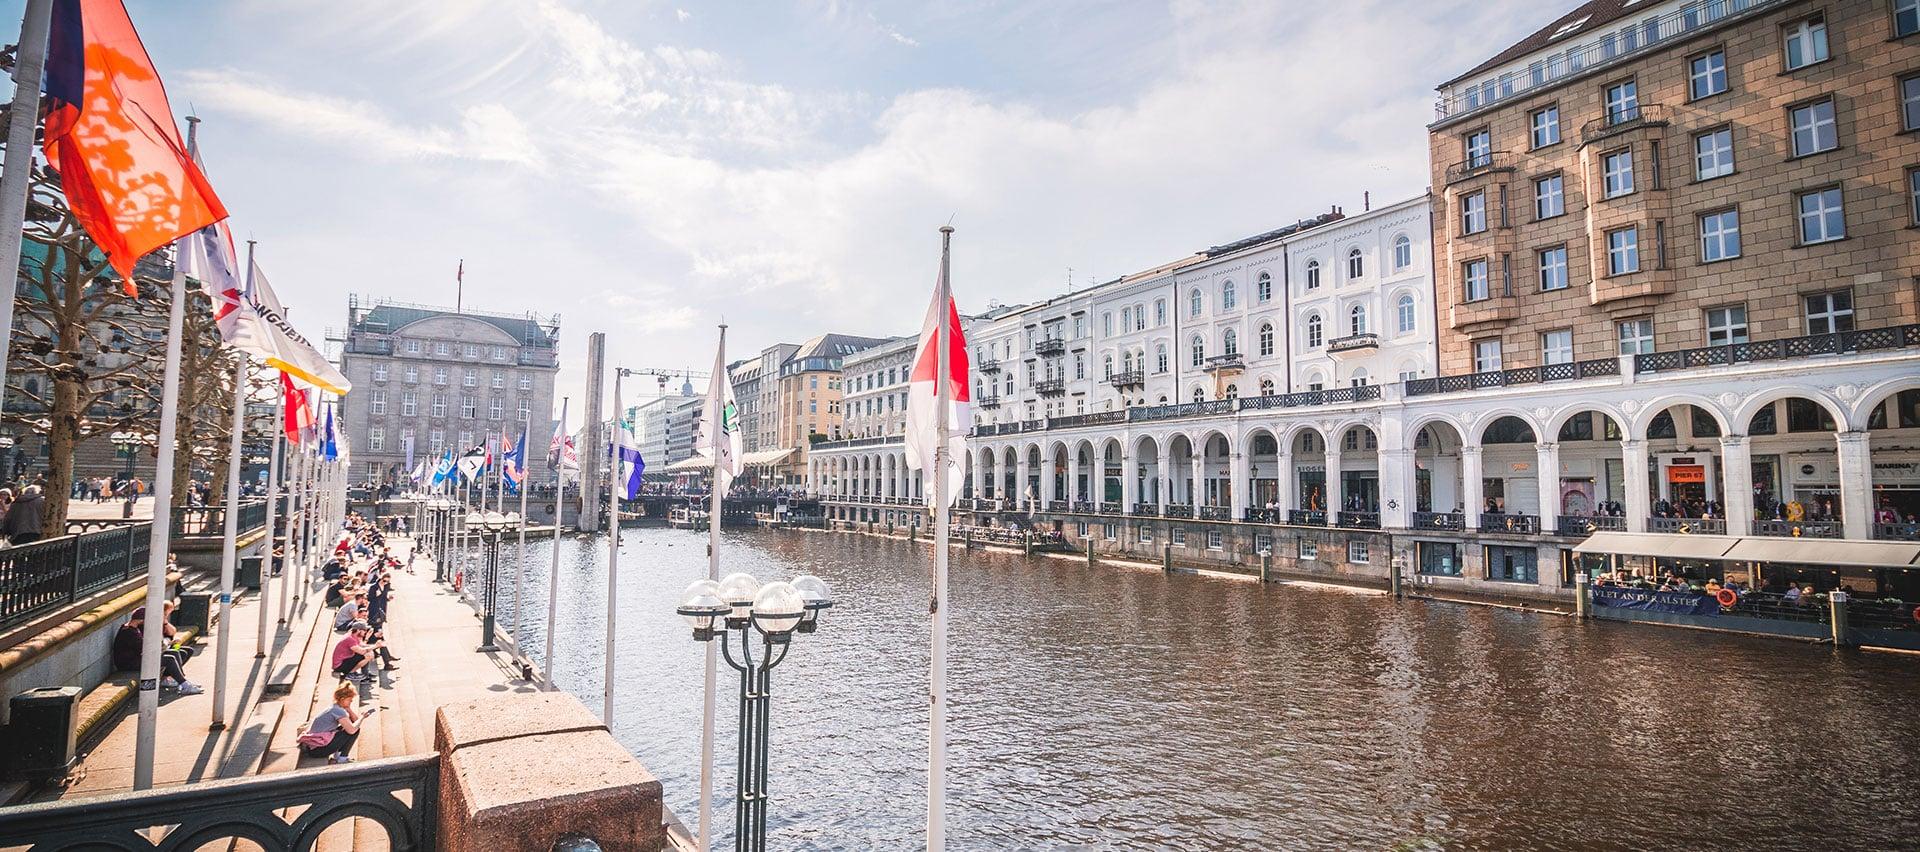 Ansicht von Hamburg, der Stadt des Hauptstandortes von Carepoint